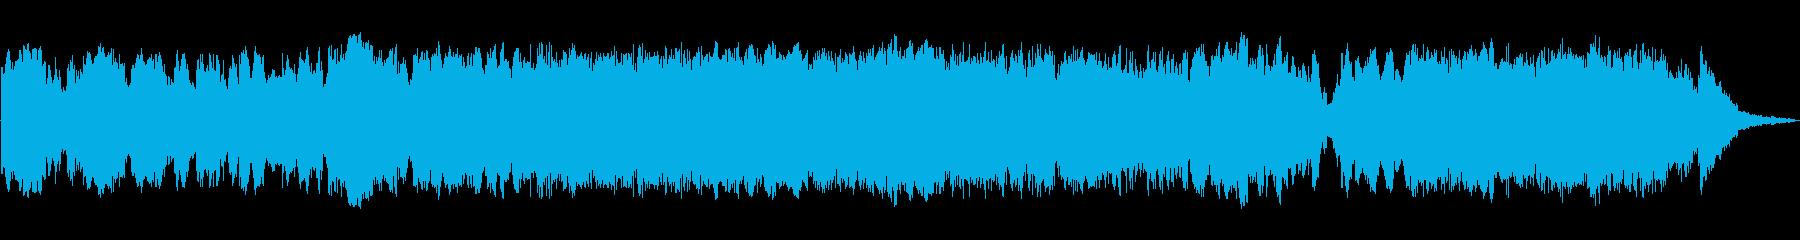 シンセサイザーで奏でるバロック調の再生済みの波形